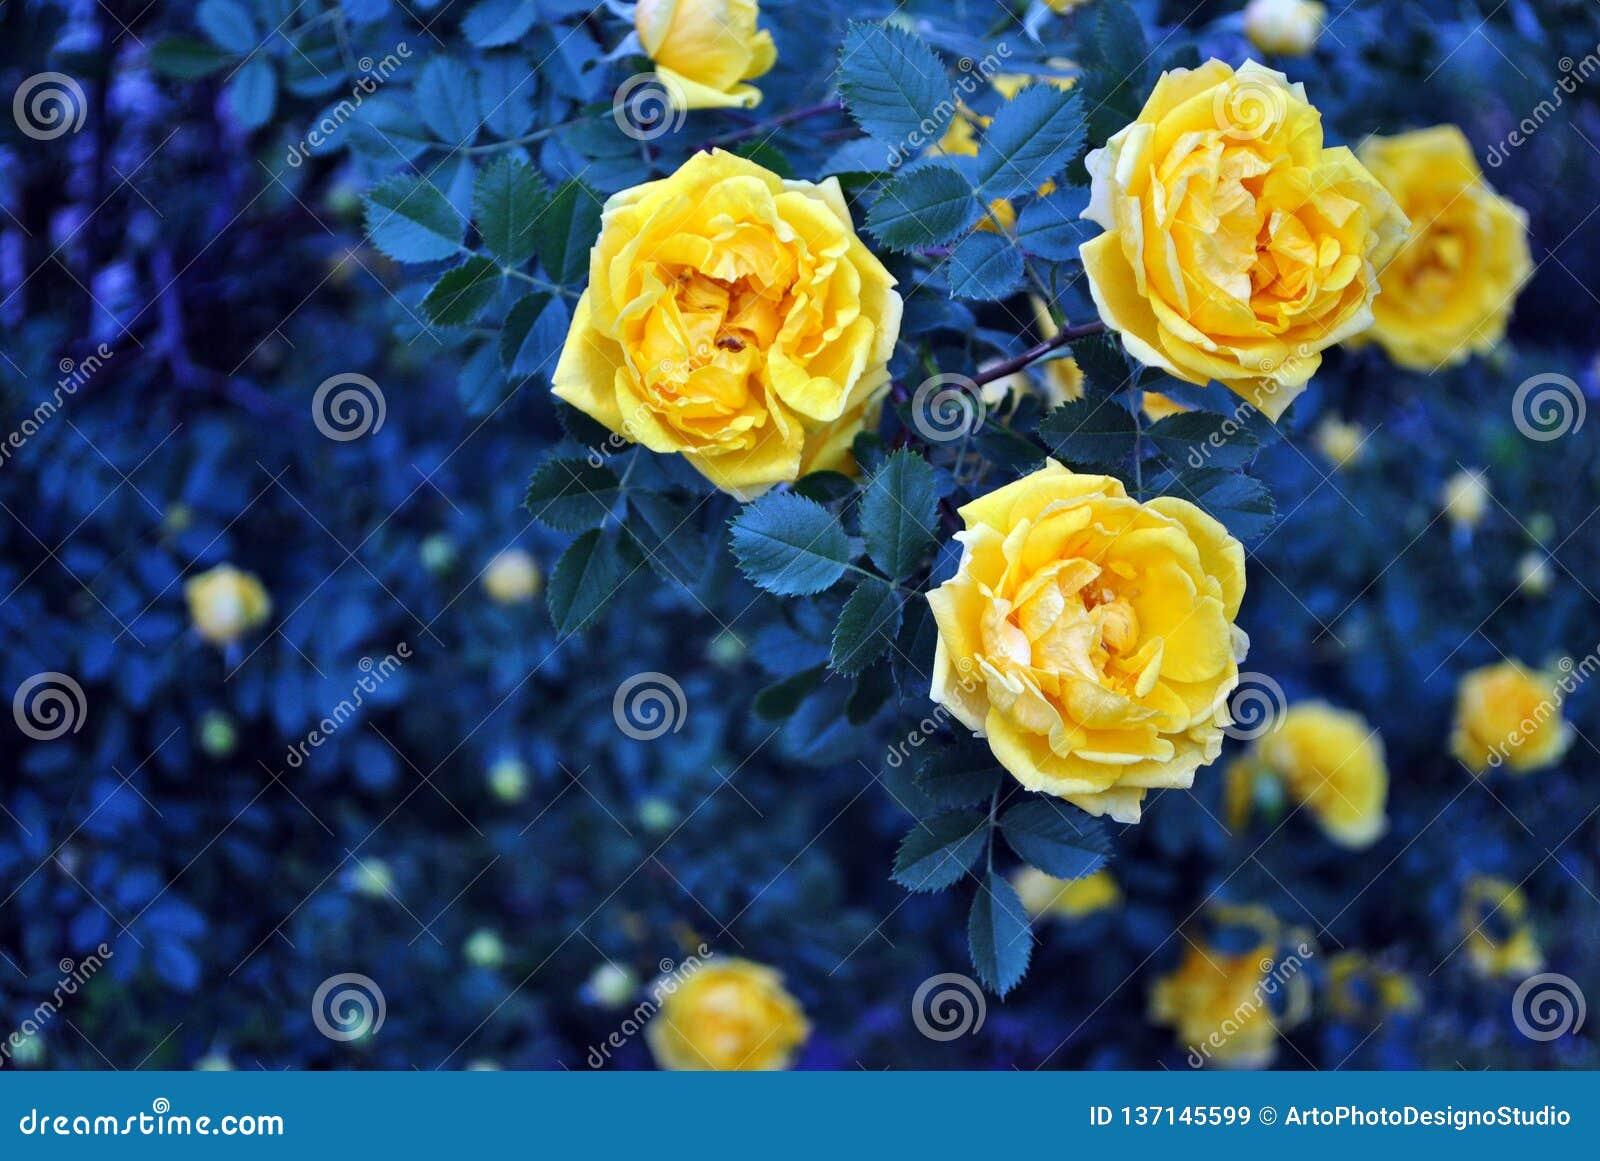 Gula rosa blommor och knoppar som blommar på busken, mörk turkos-gräsplan, lämnar bakgrund